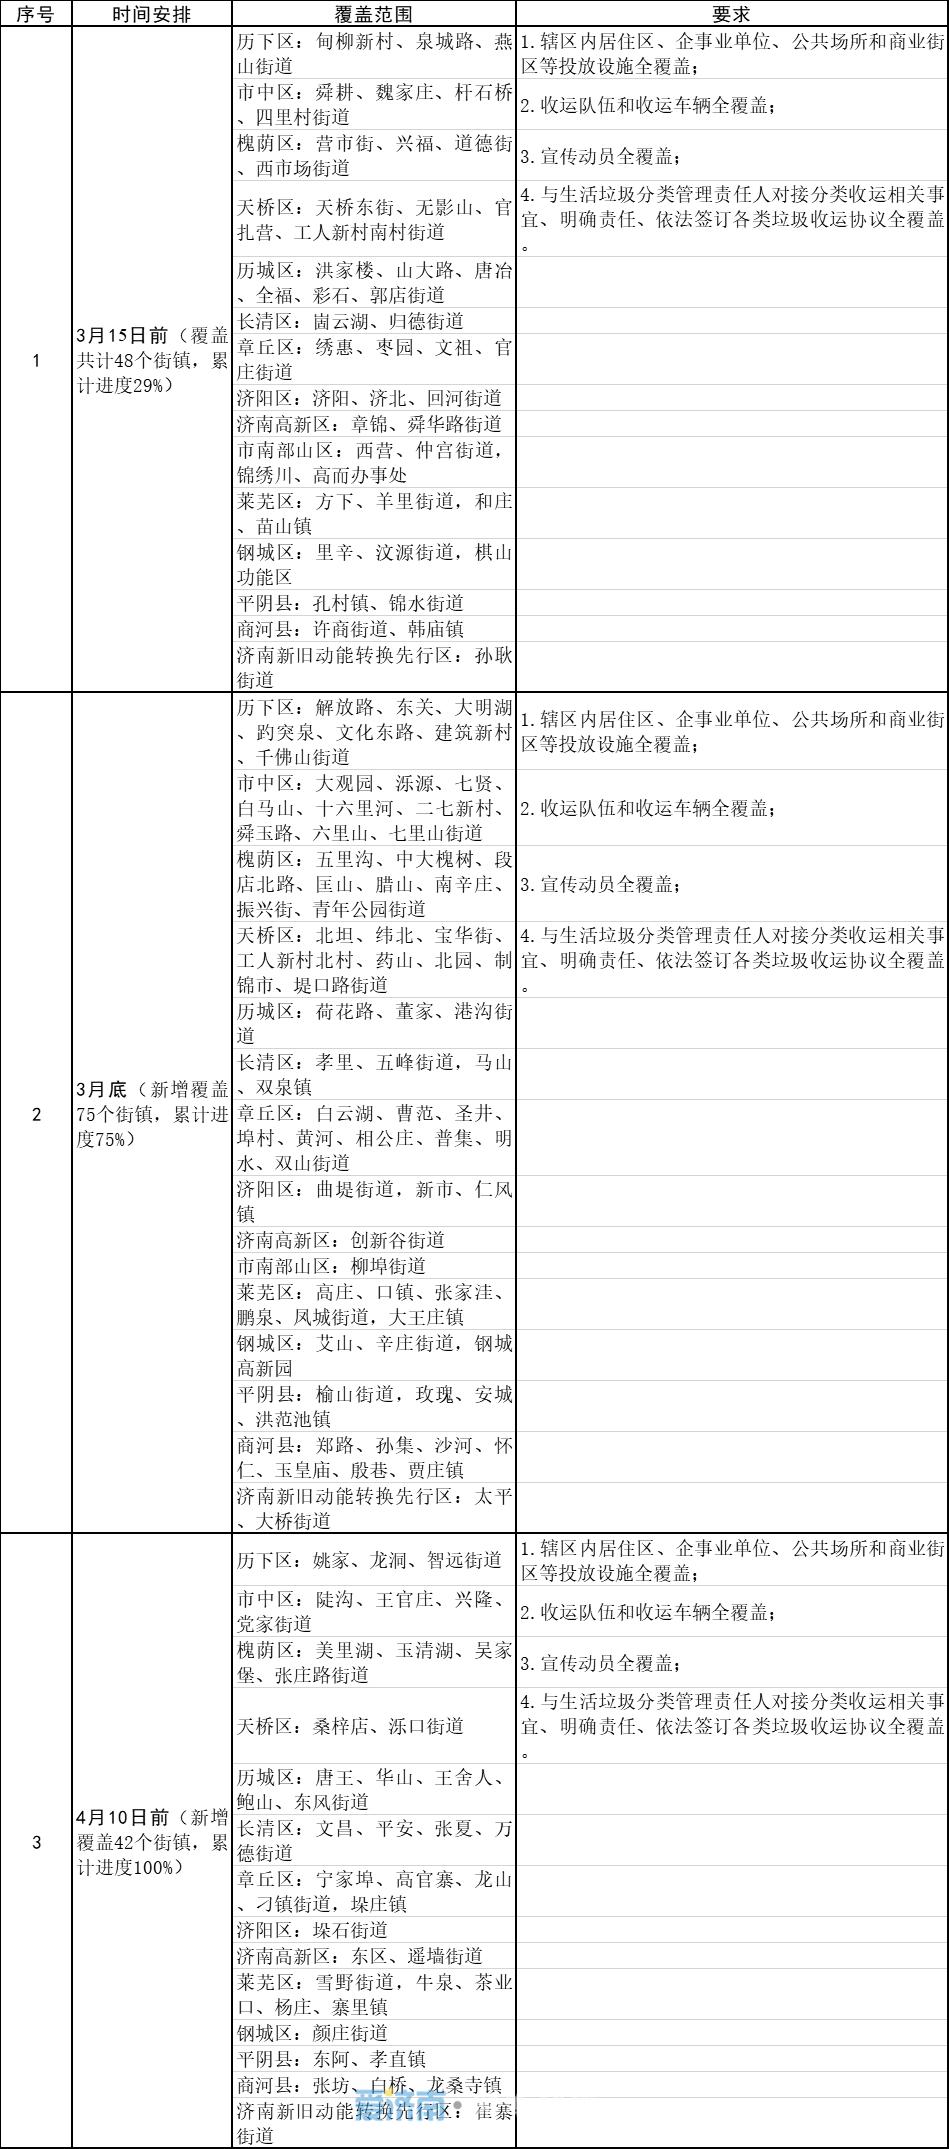 济南4月底前实现全市生活垃圾分类投放设施全覆盖...